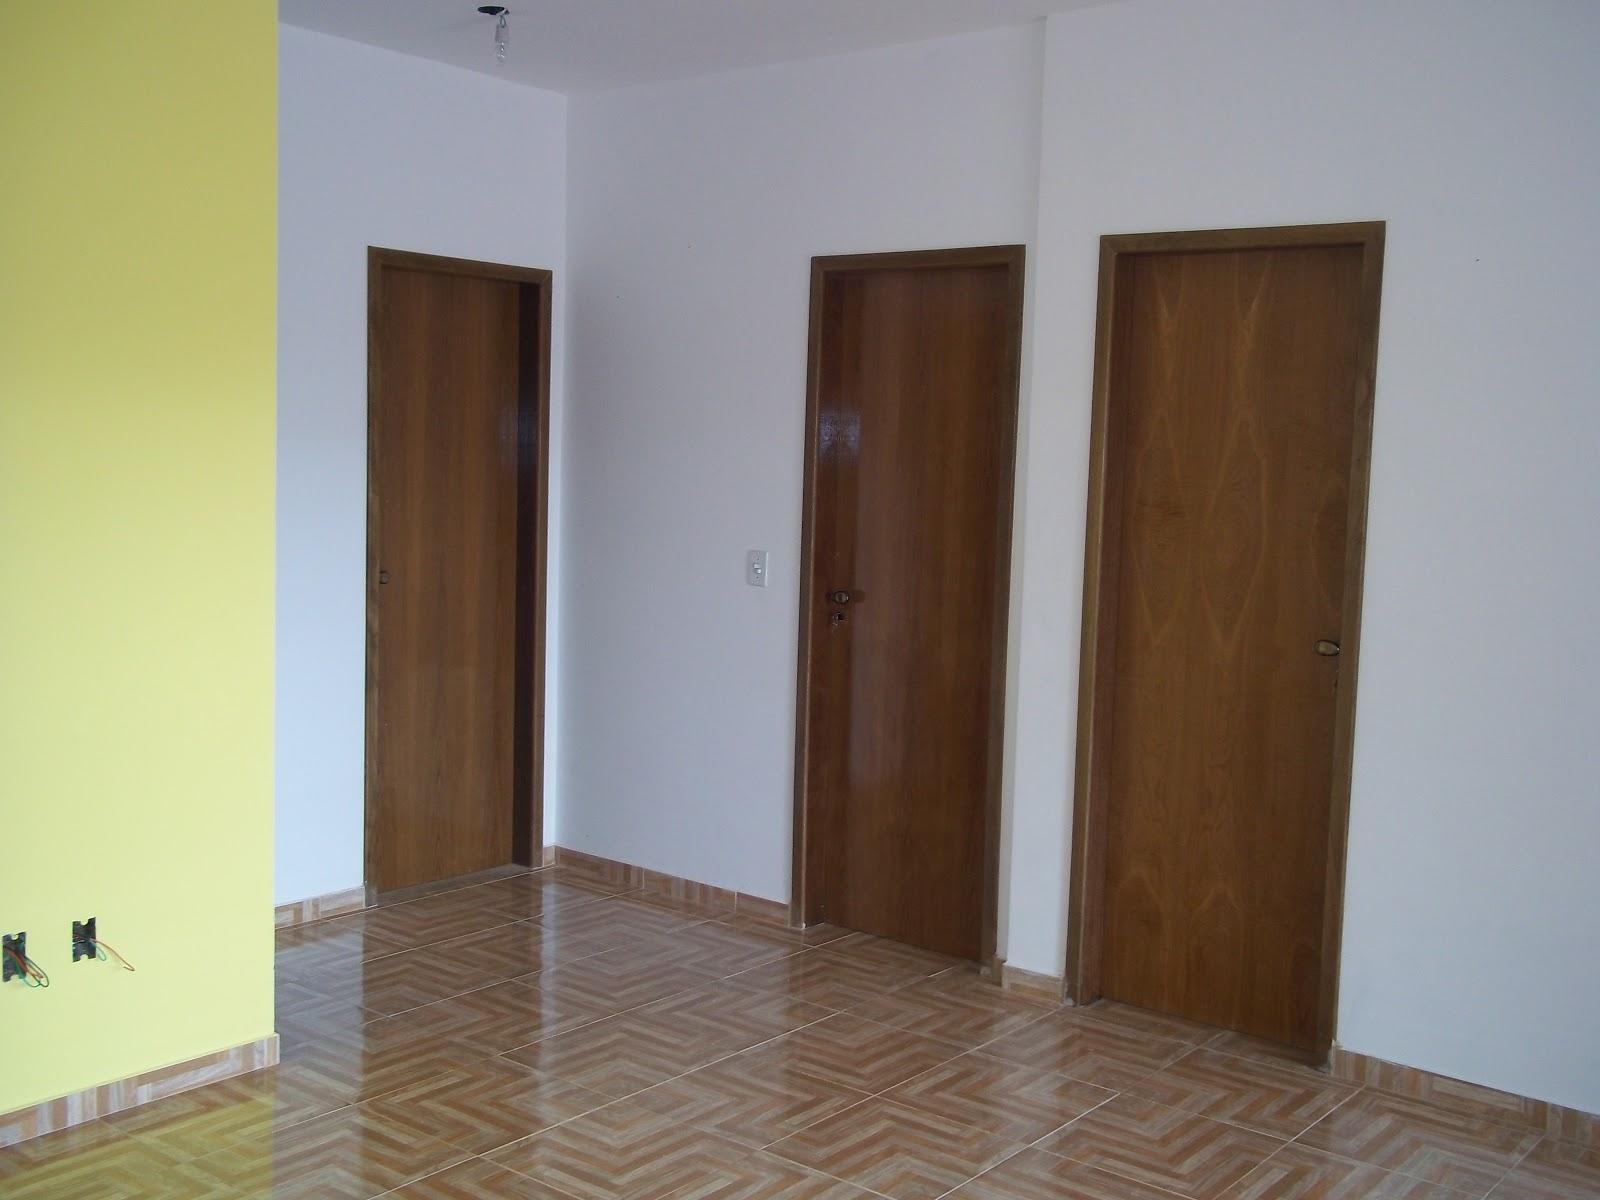 cores forte bancada com tijolos de vidro banheiros com bancada  #898E3D 1600x1200 Acabamento Bancada Banheiro